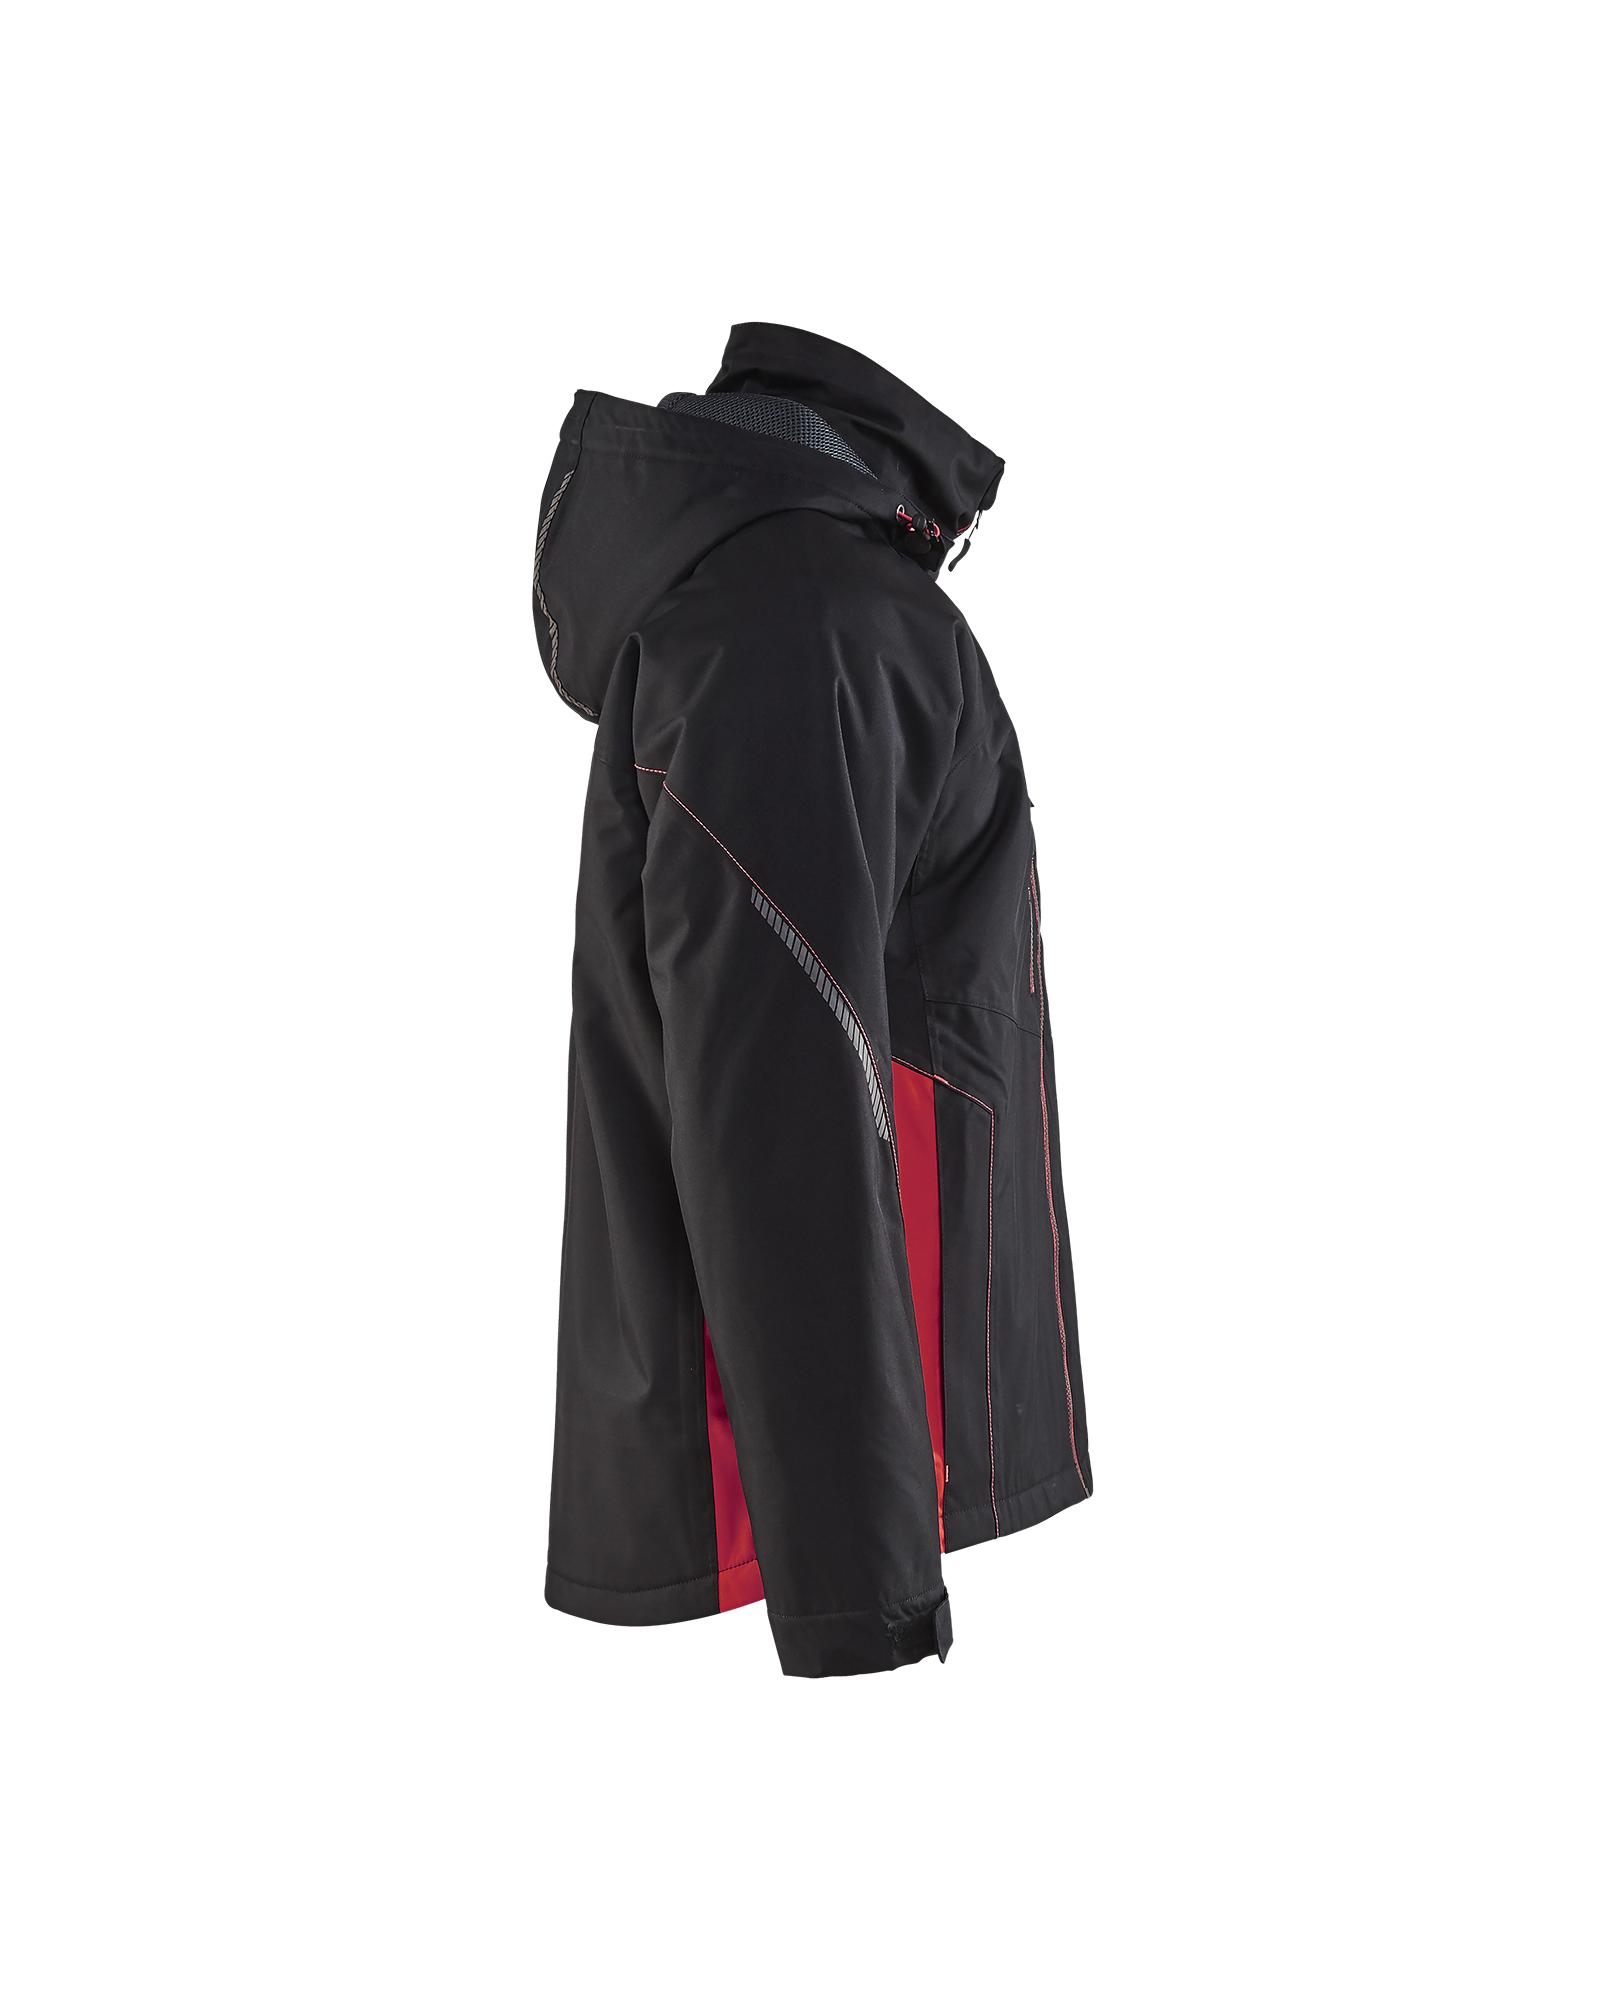 cb920a7e Lettforet funksjonell jakke (48901977) - Blaklader